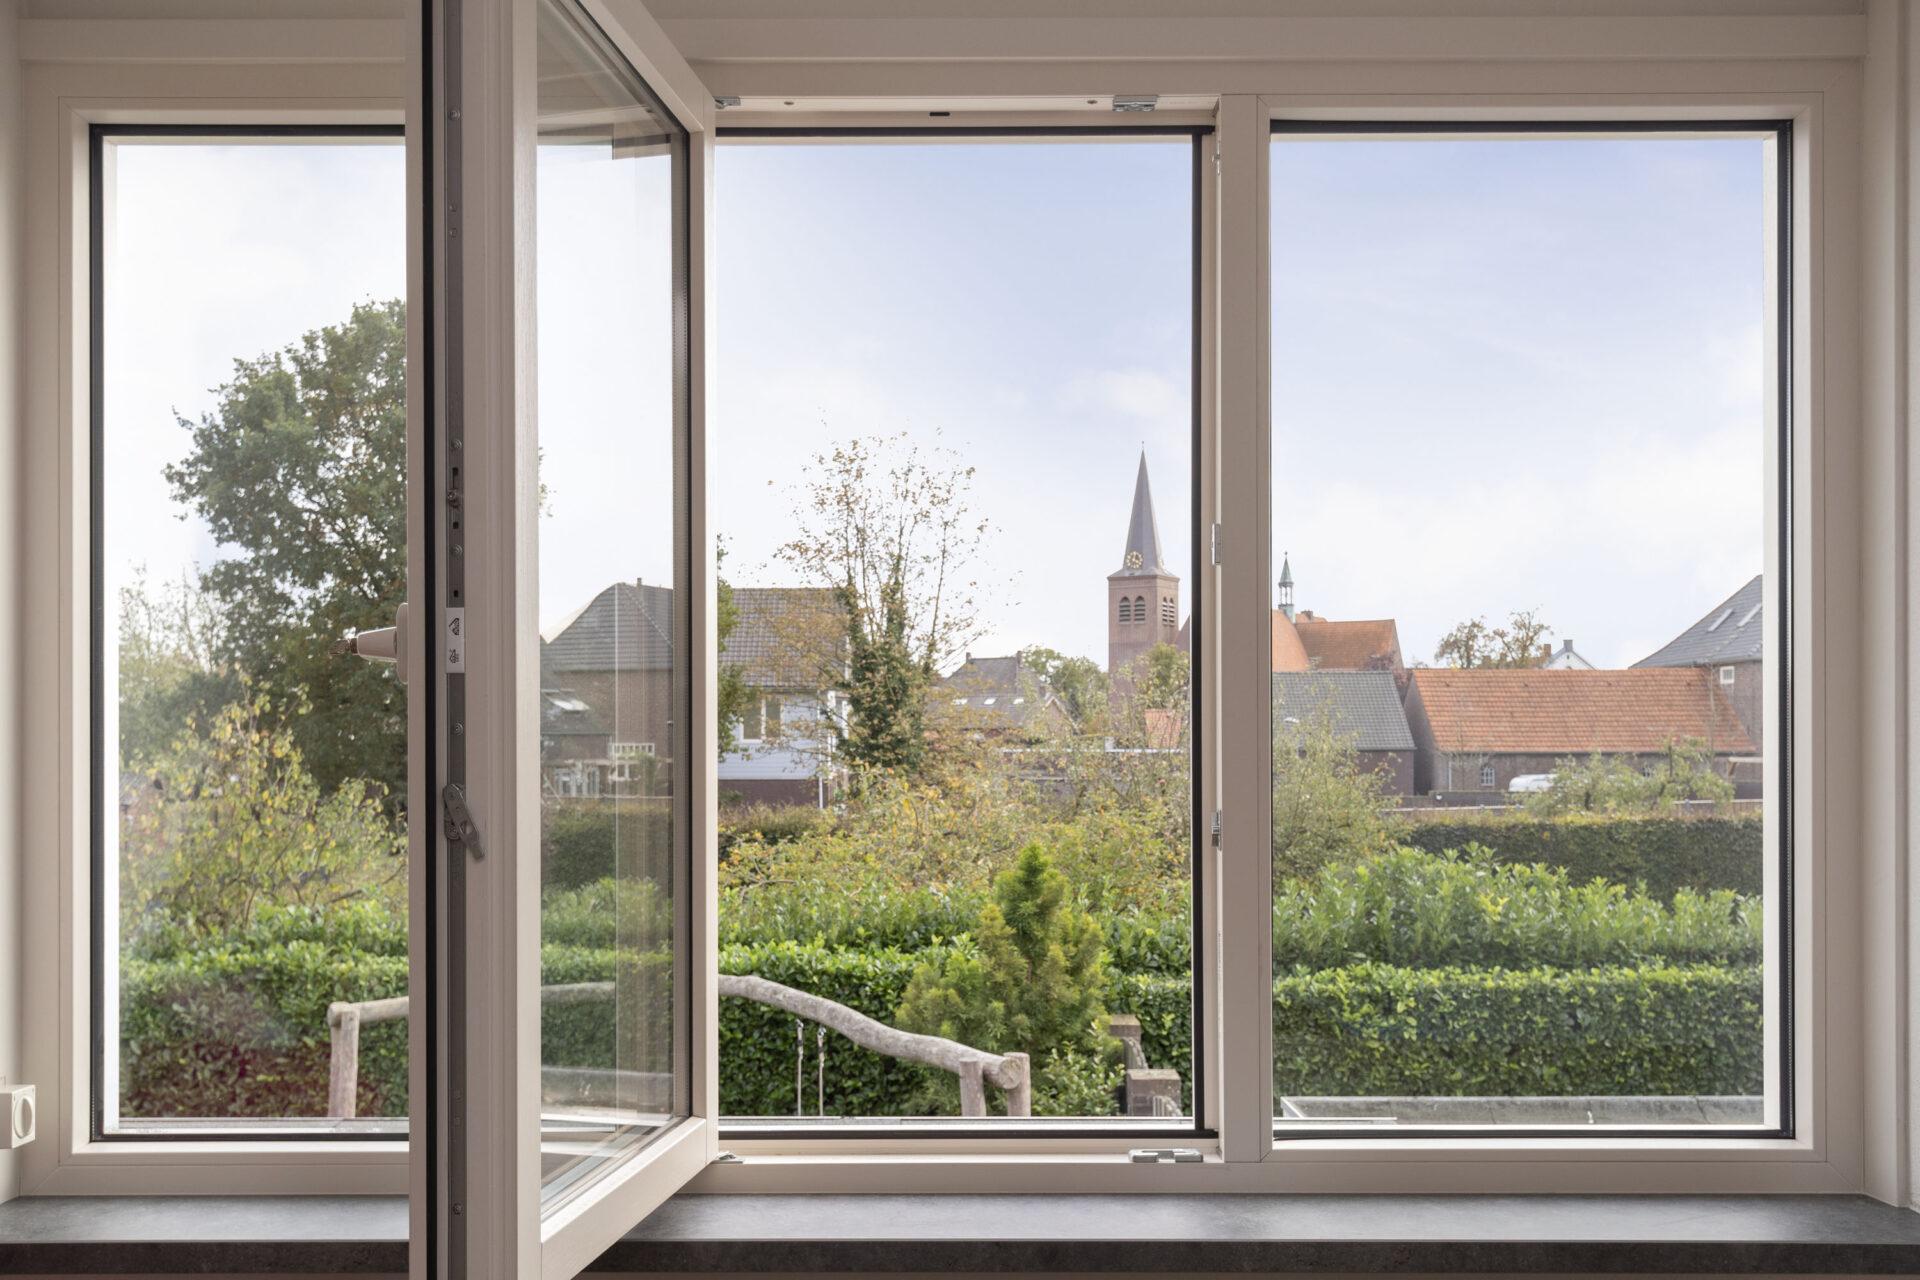 Select Windows kunststof kozijnen - referentie Bergen - Kunststof ramen in dakkapel in Bergen, Limburg